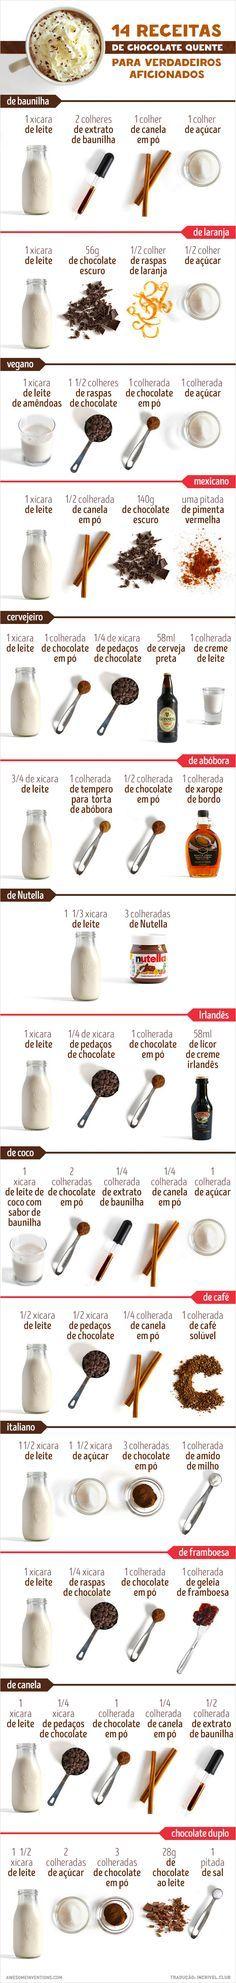 14 receitas de chocolate quente para um verdadeiro chocólatra